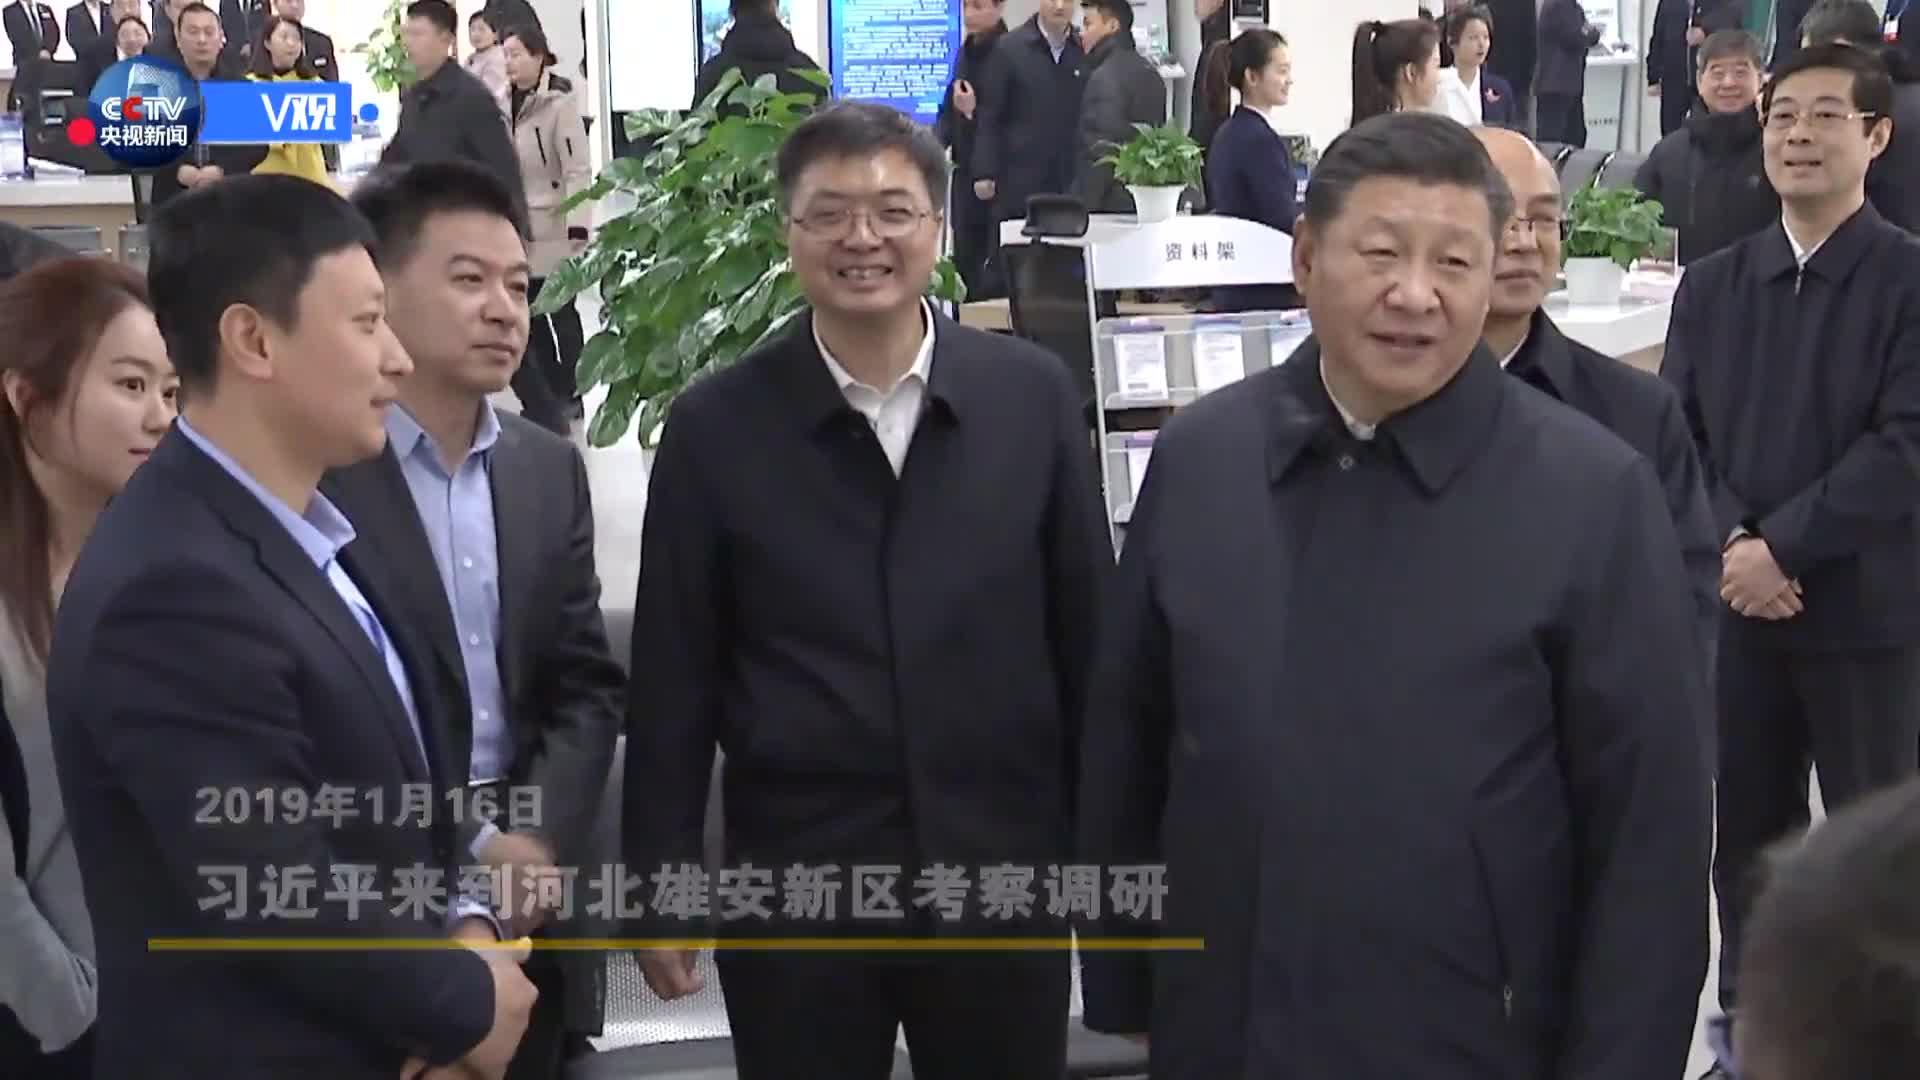 [视频]习近平:希望你们把握雄安千载难逢的发展机会